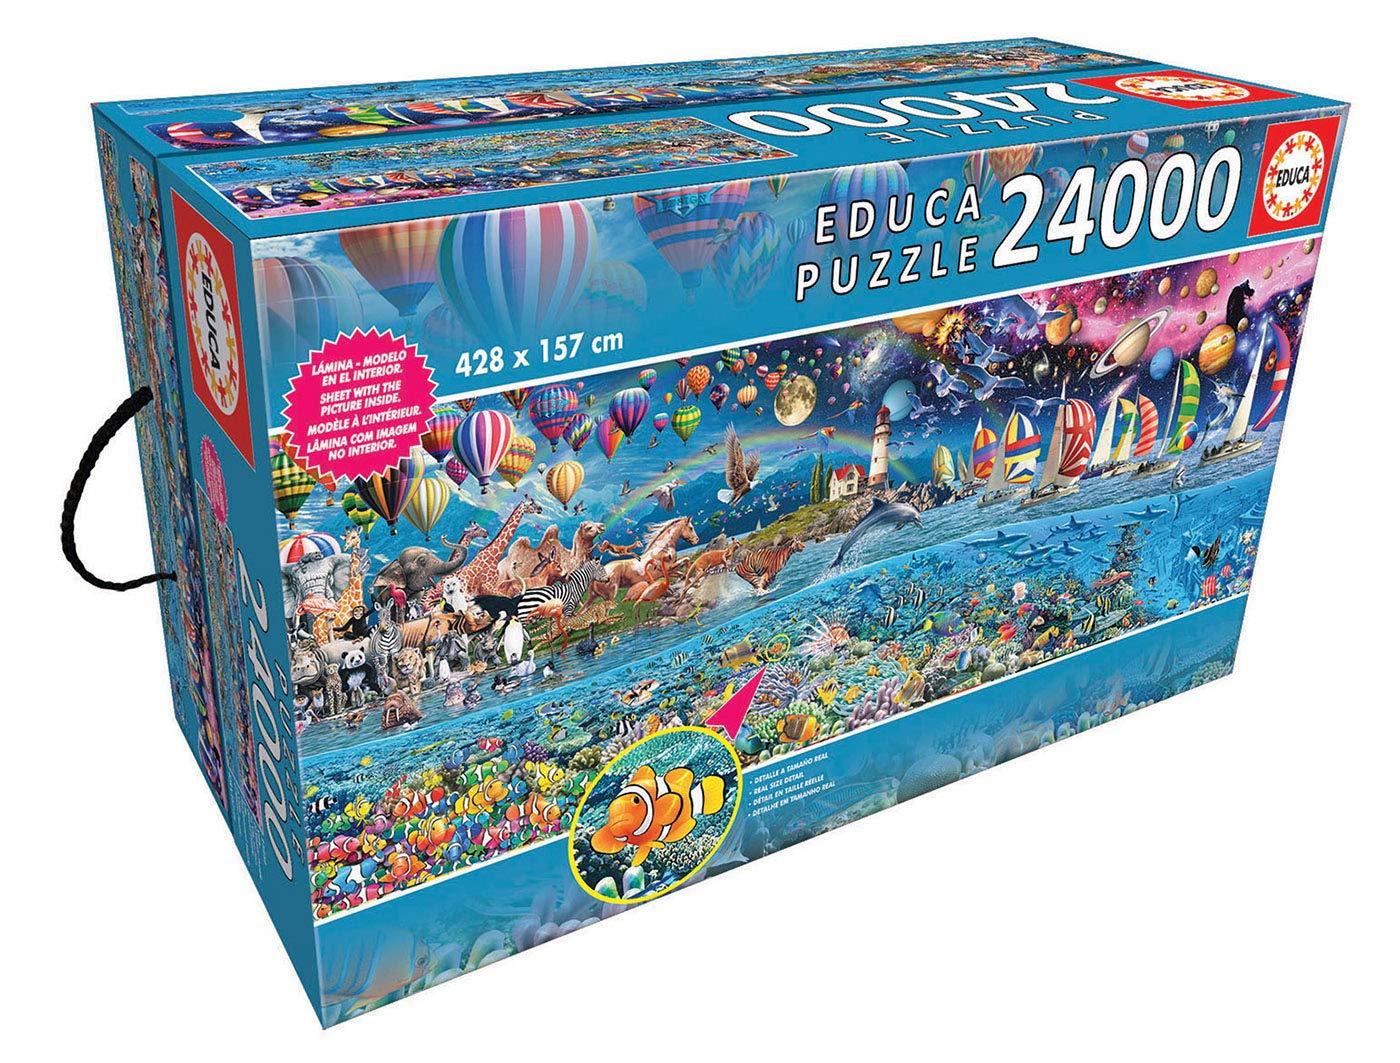 Educa Borras – XXL Puzzles, Puzzle 24.000 piezas, Vida, el mayor puzzle (13434)